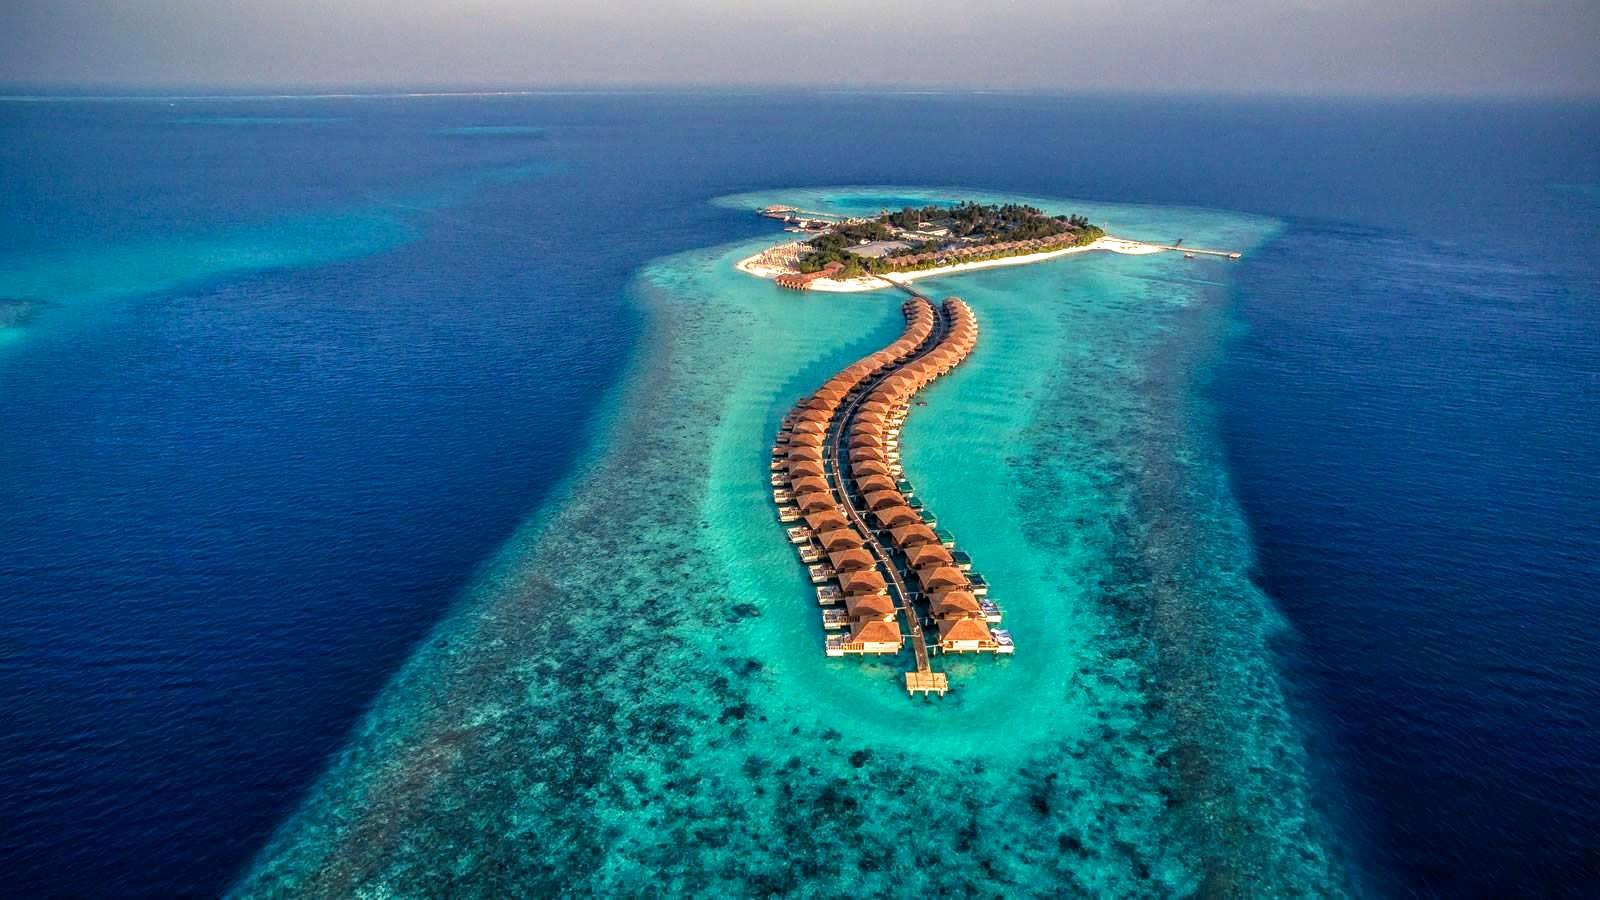 Удивительный отель Hurawalhi Island Resort 5* на Мальдивах